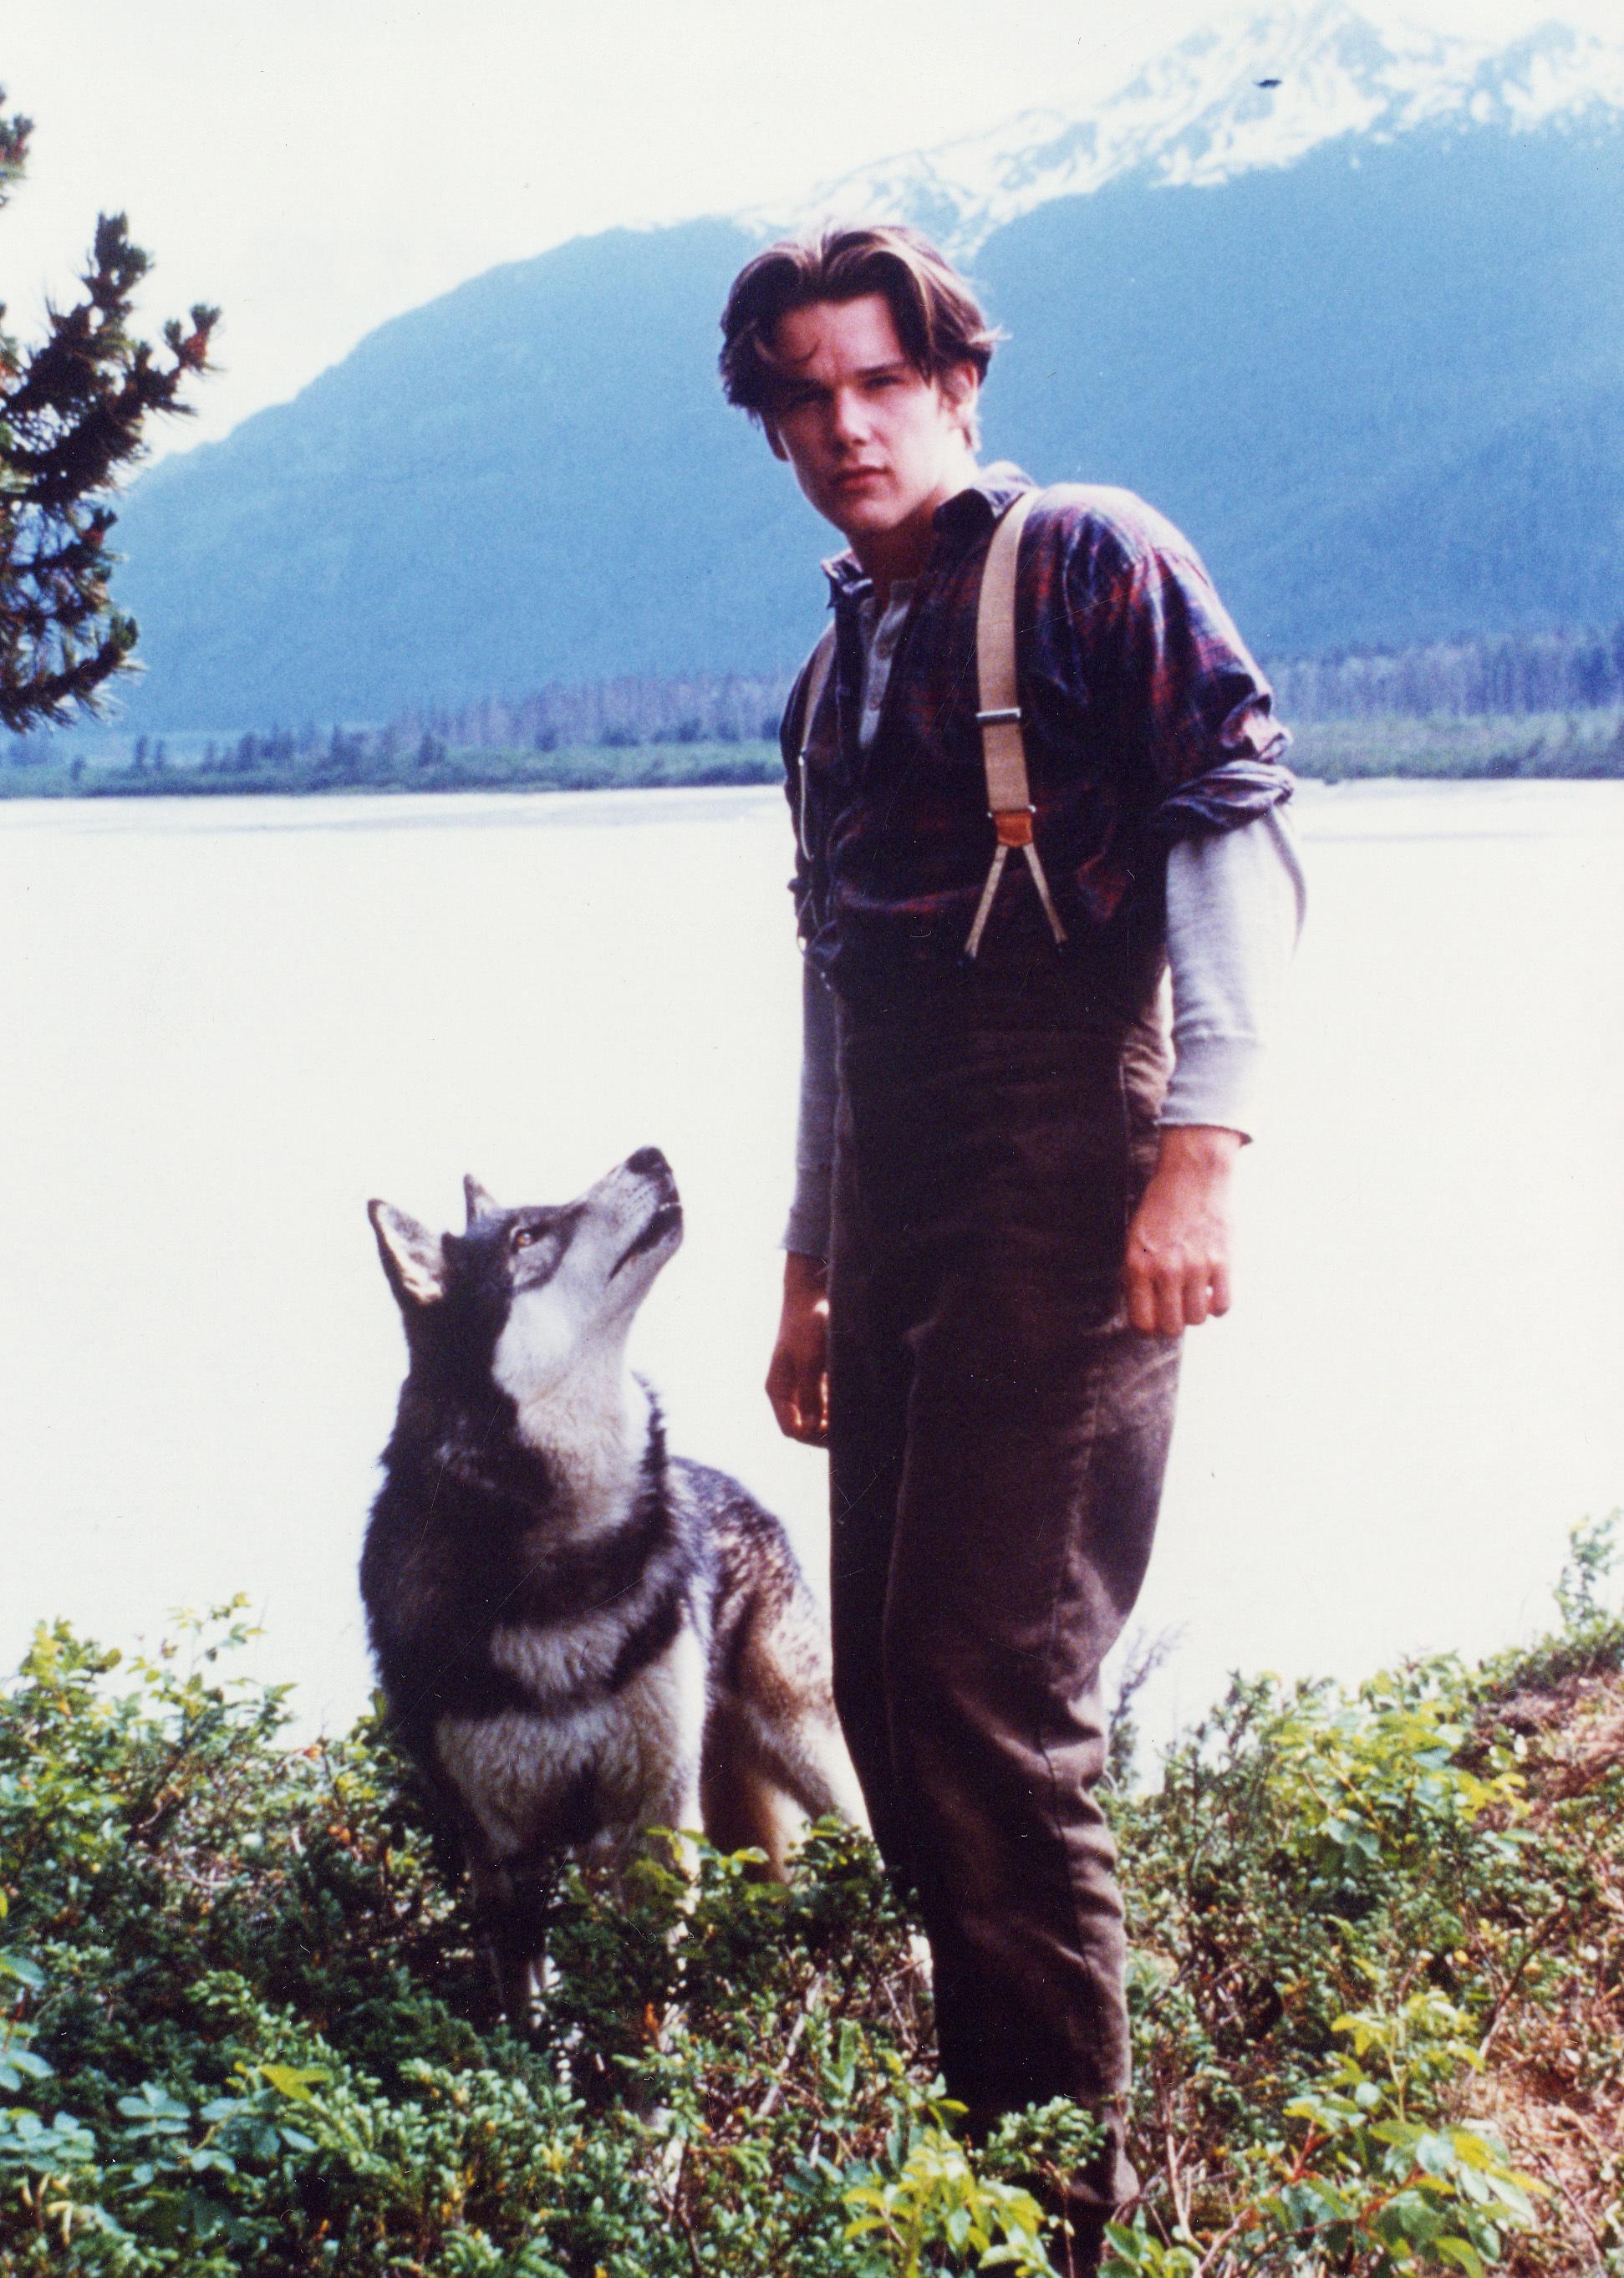 영화 '늑대개' 의 한 장면 [중앙포토]